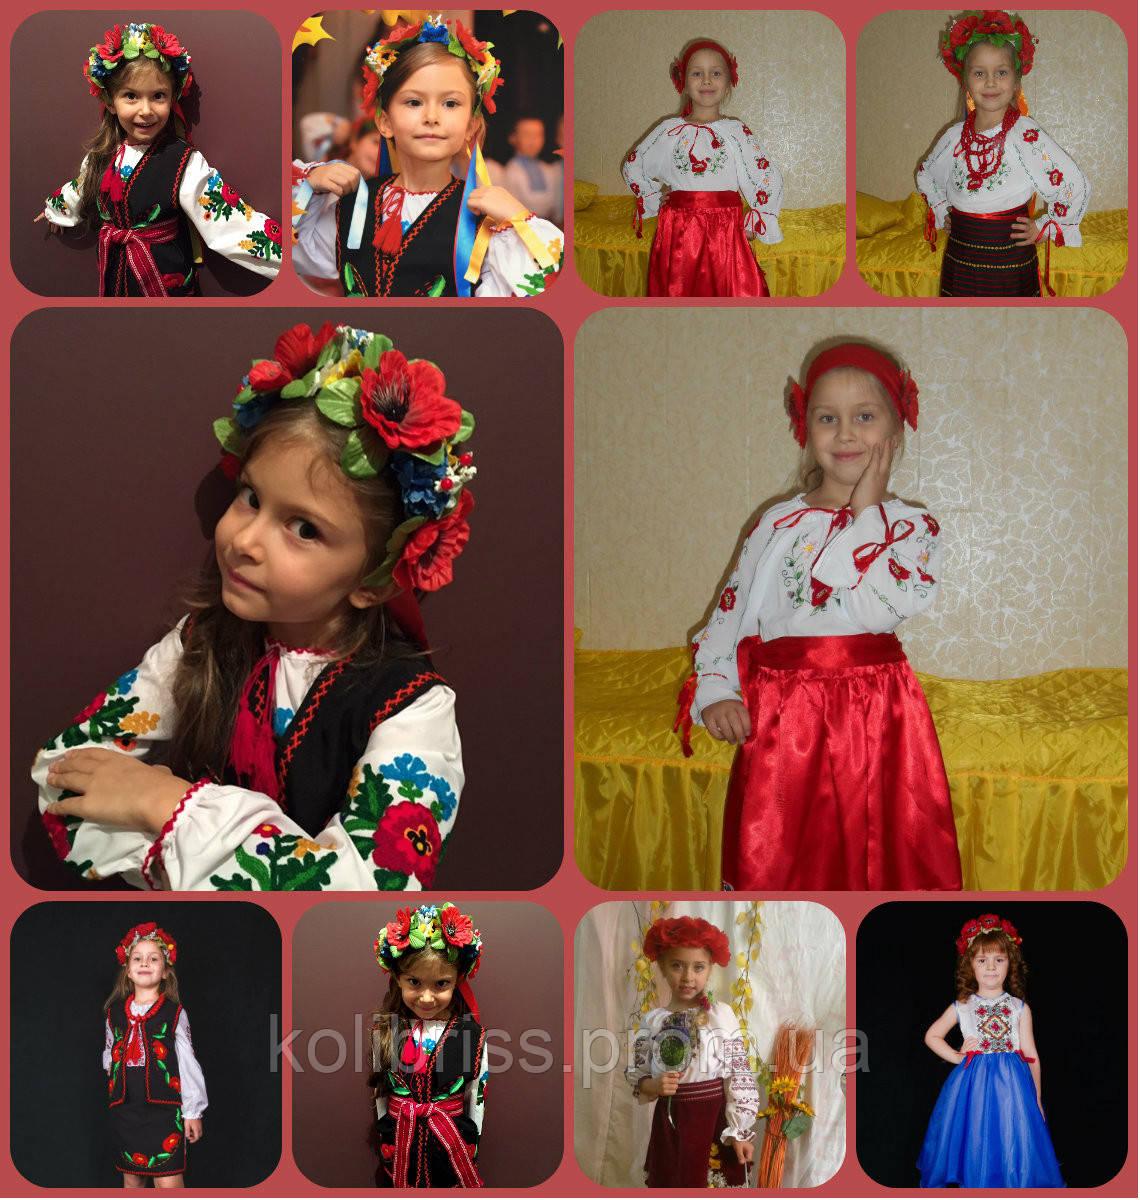 Карнавальный костюм Оксана, костюм с Диканьки, украинский костюм прокат Киев